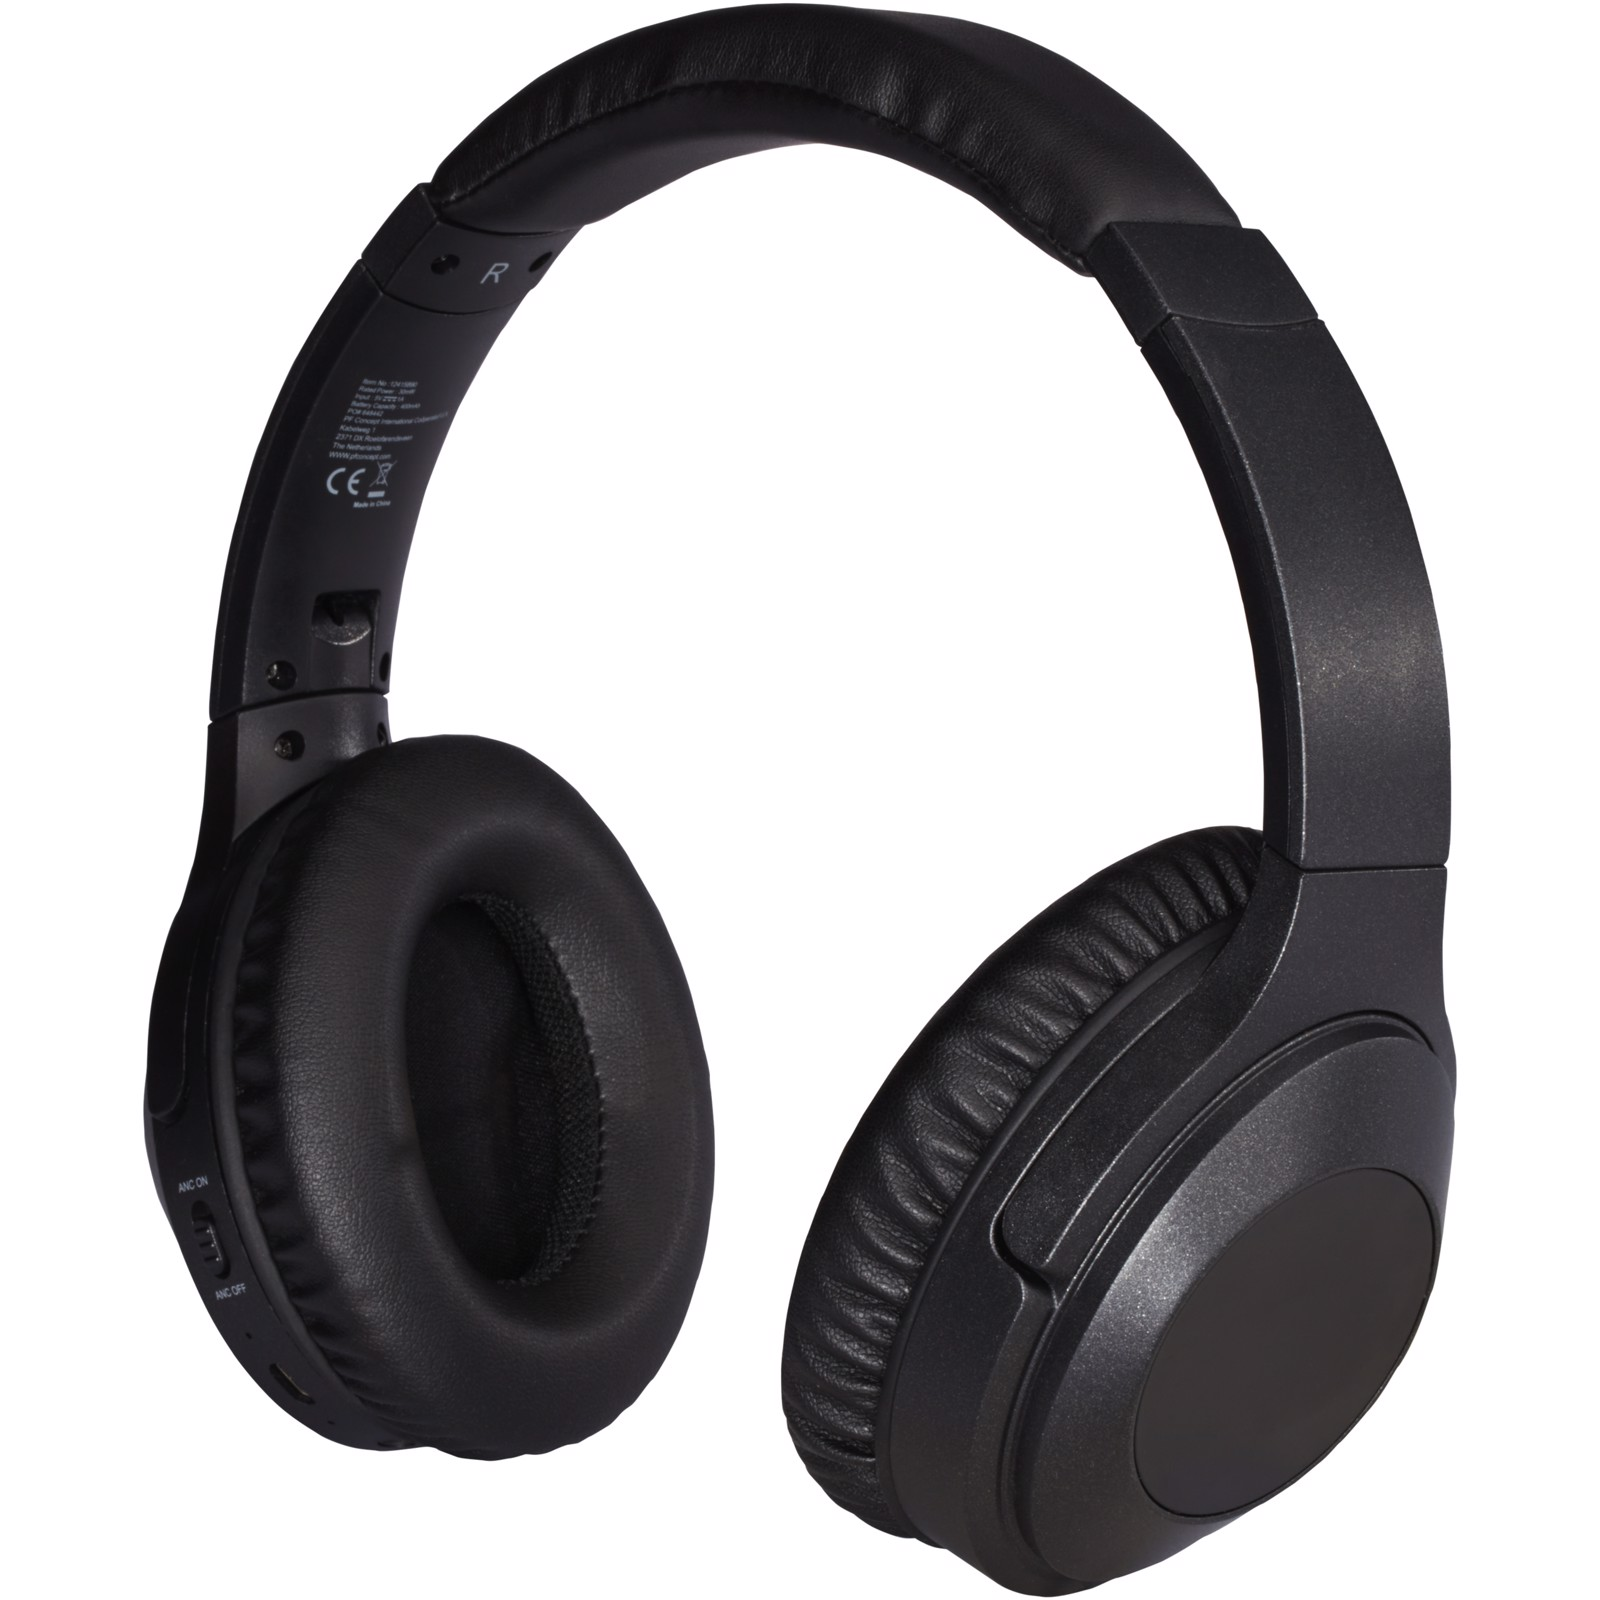 Anton ANC headphones